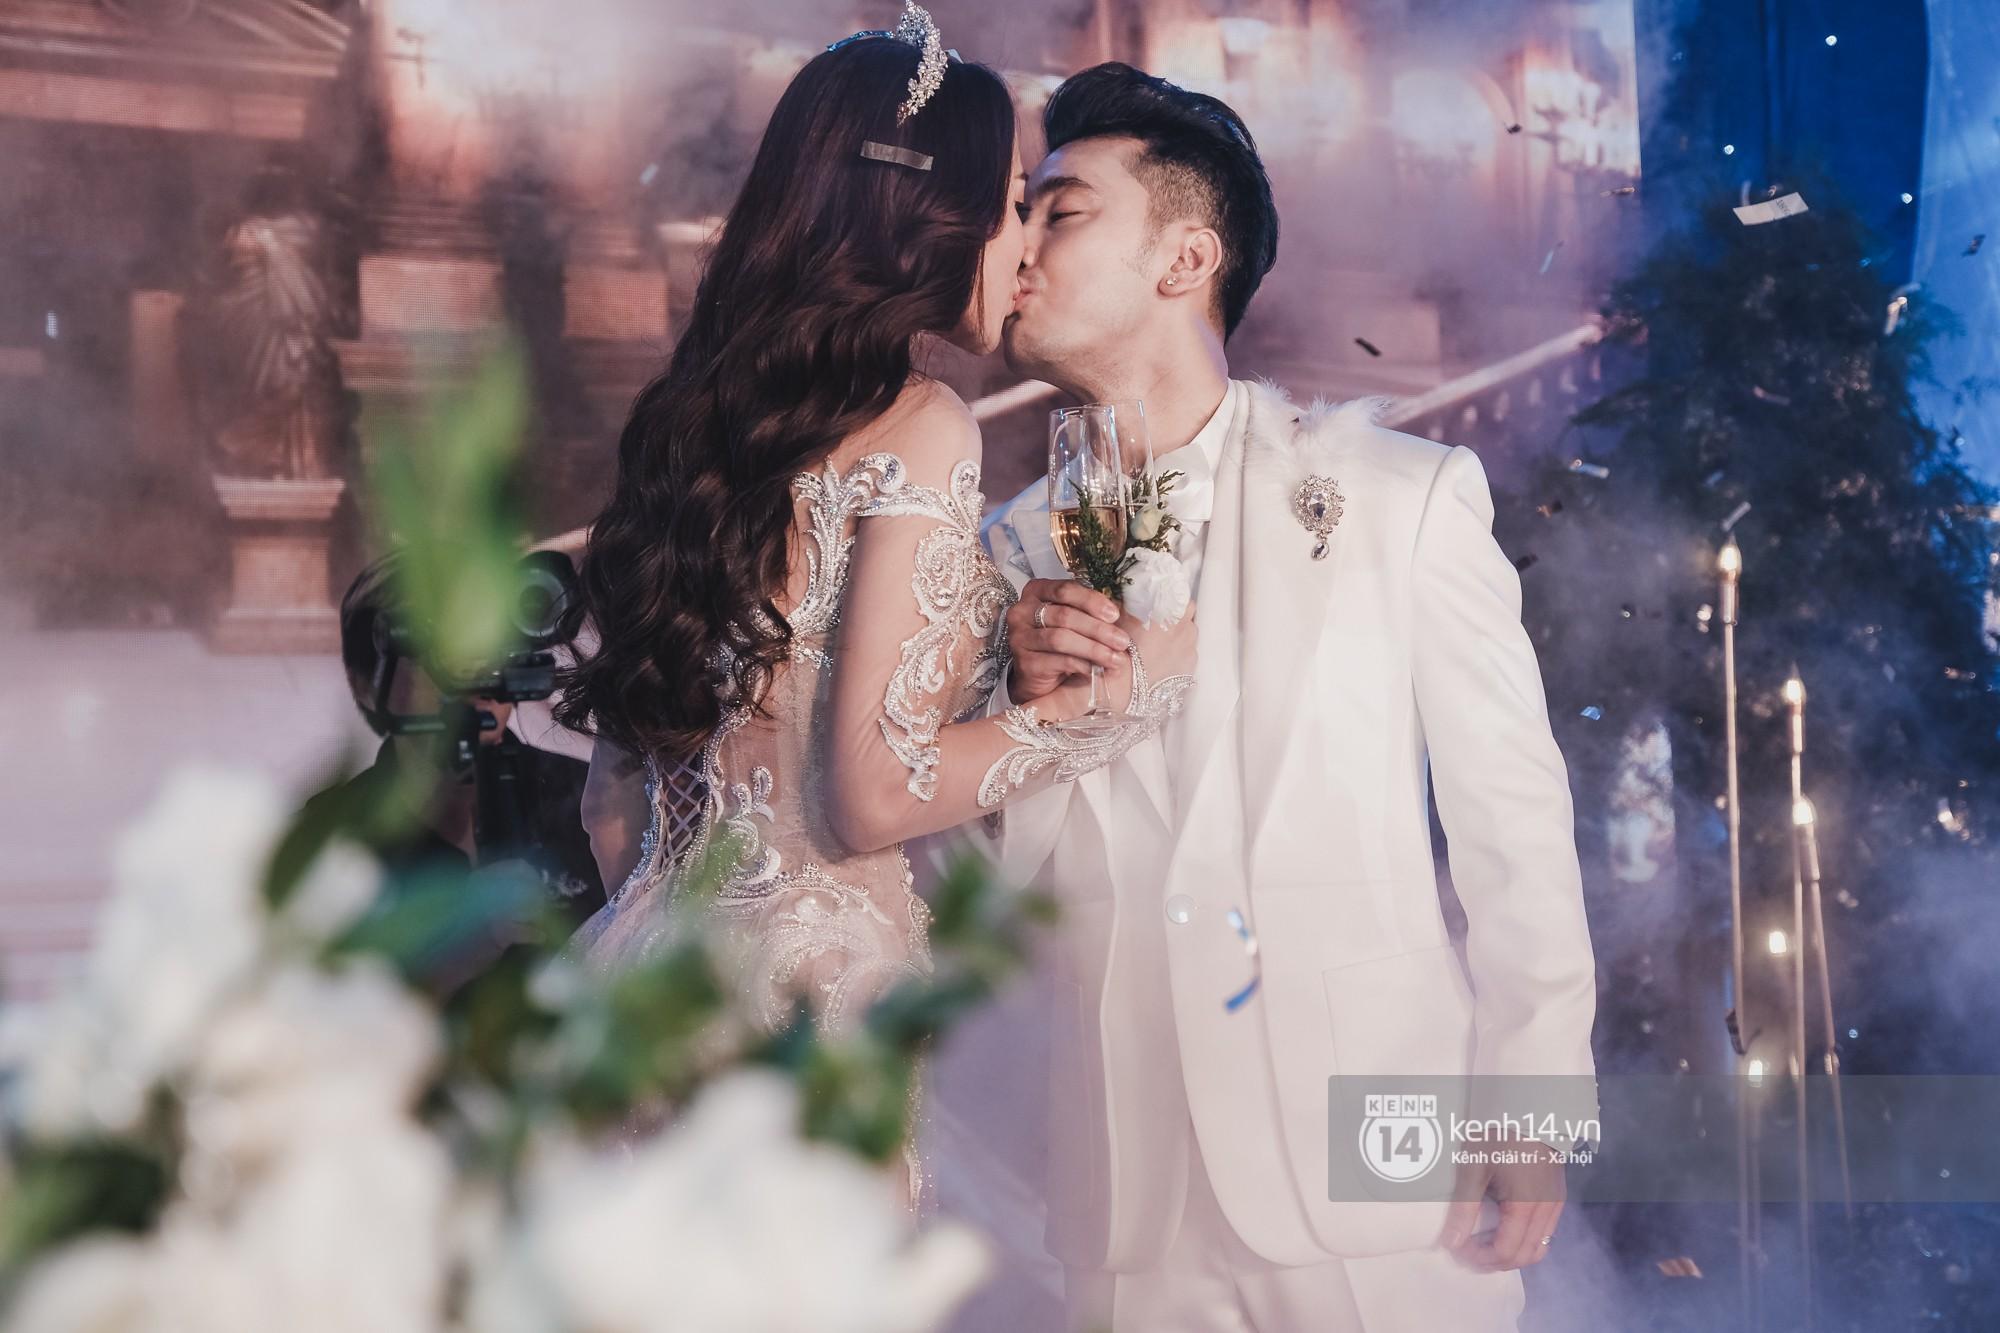 Ưng Hoàng Phúc đưa trọn vẹn đám cưới cổ tích cùng bà xã Kim Cương vào MV mới - Ảnh 7.